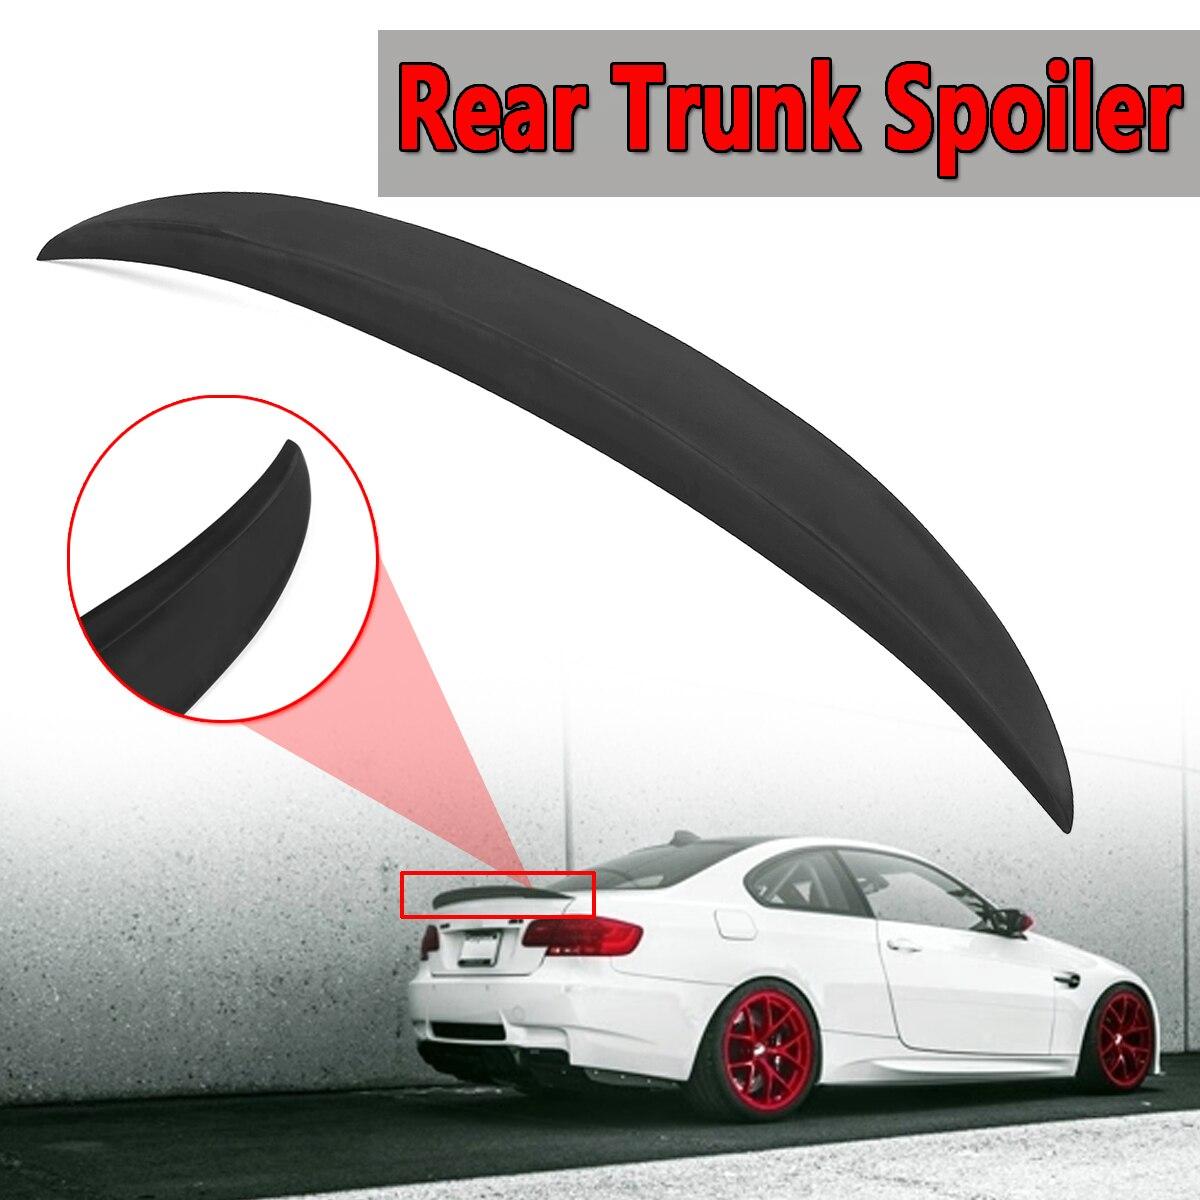 Couvercle d'aile de becquet de coffre arrière de haute qualité pour BMW série 3 E92 pour coupé 4Dr M Style de Performance aileron de coffre arrière en plastique ABS